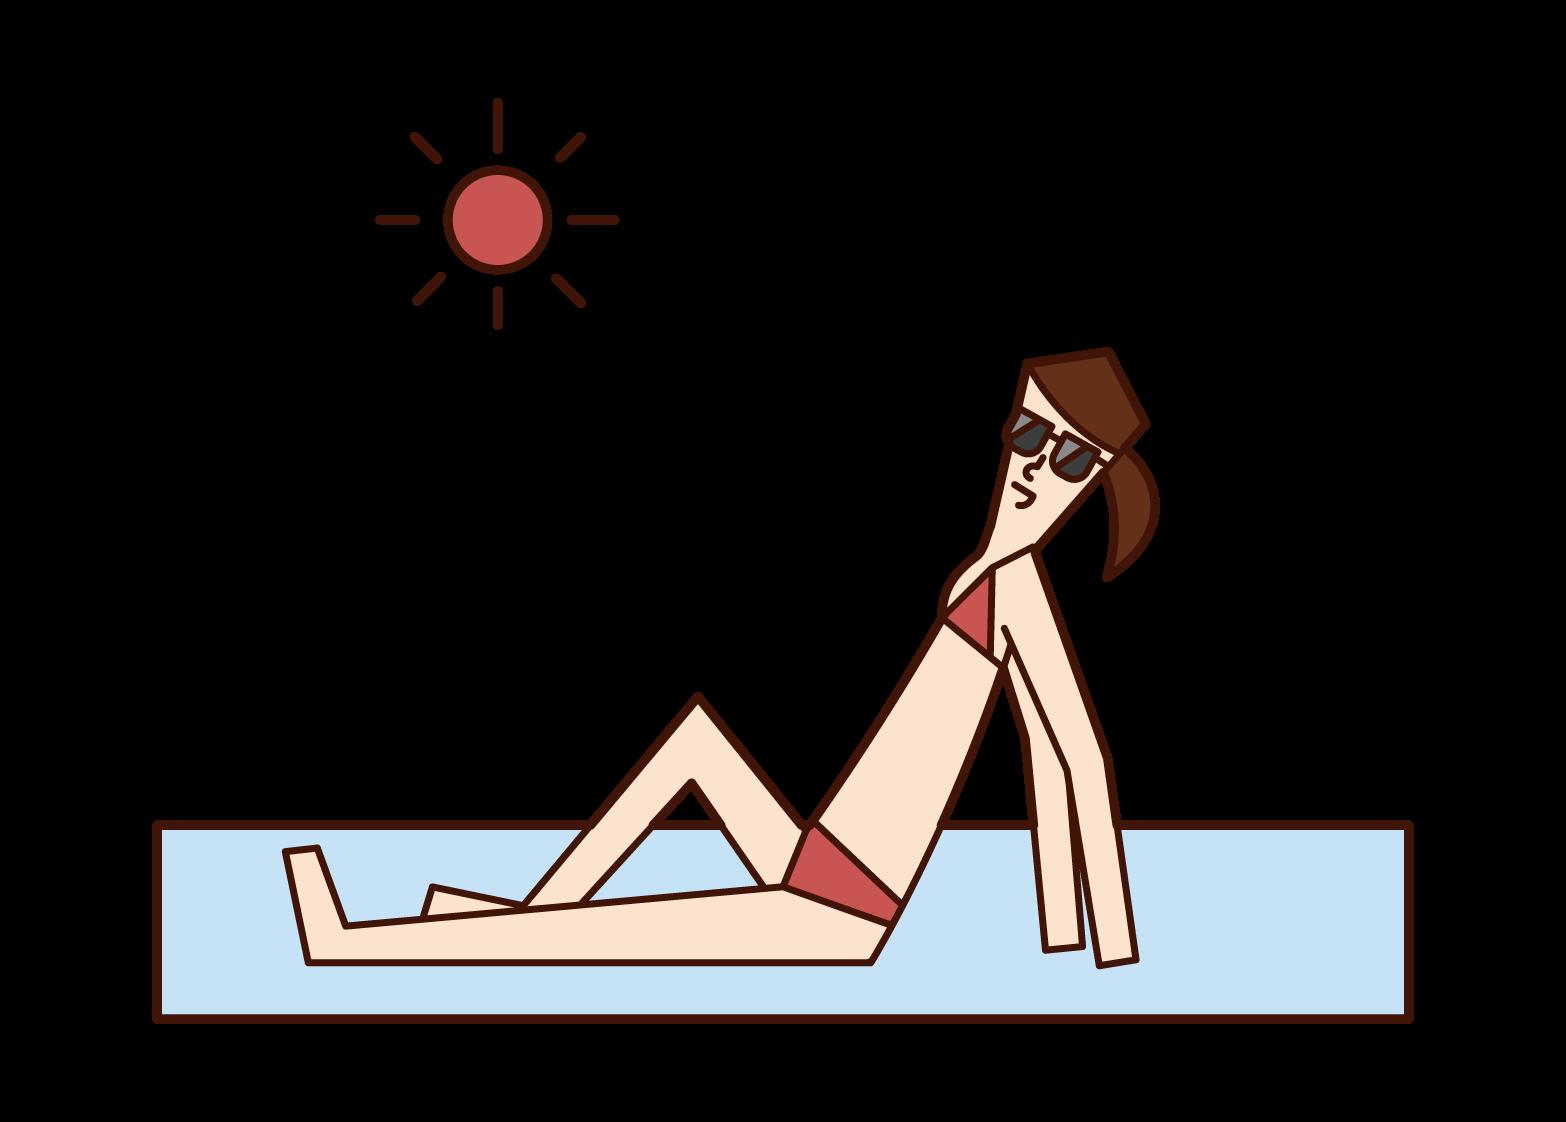 浜辺で日光浴をする人(女性)のイラスト